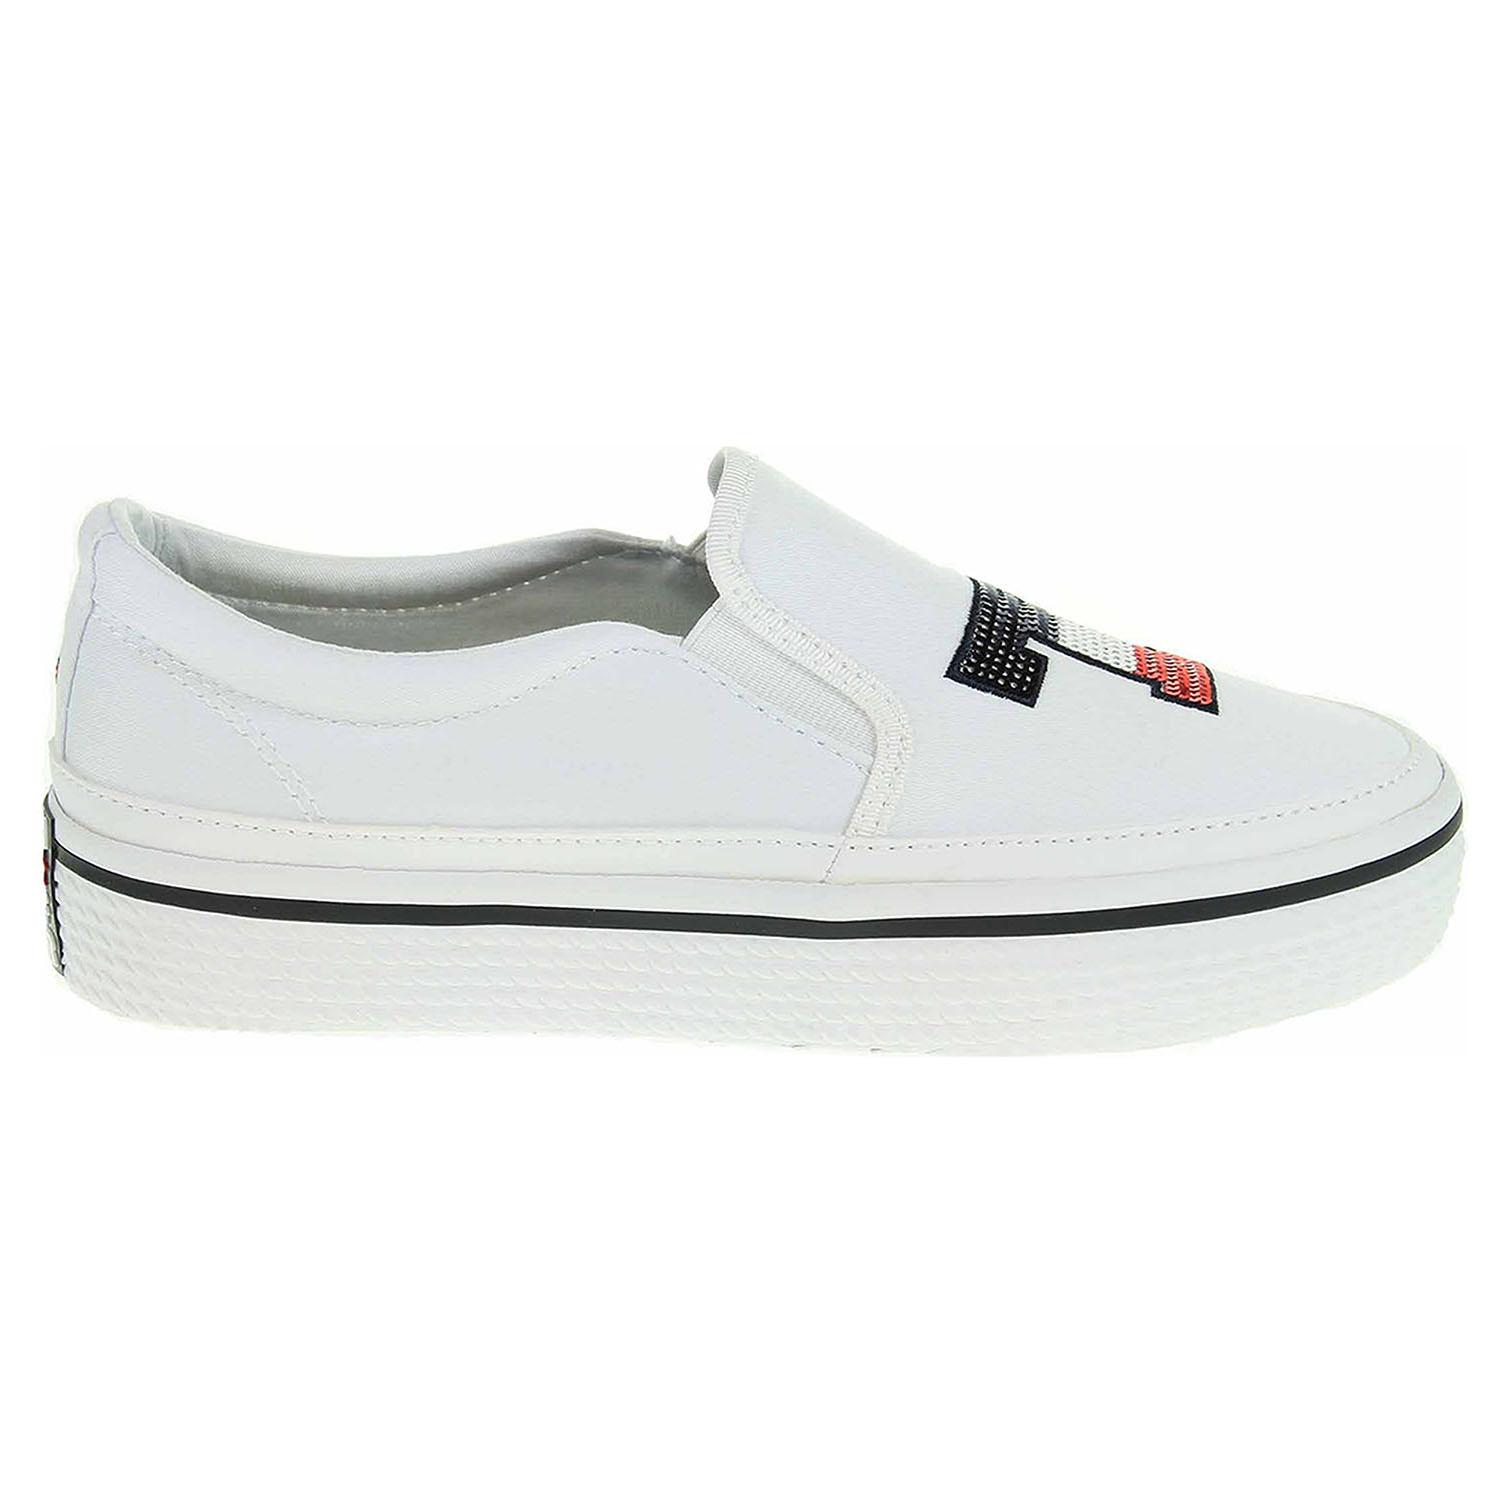 57ae480b4f detail Dámská obuv Tommy Hilfiger FW0FW02796 100 white